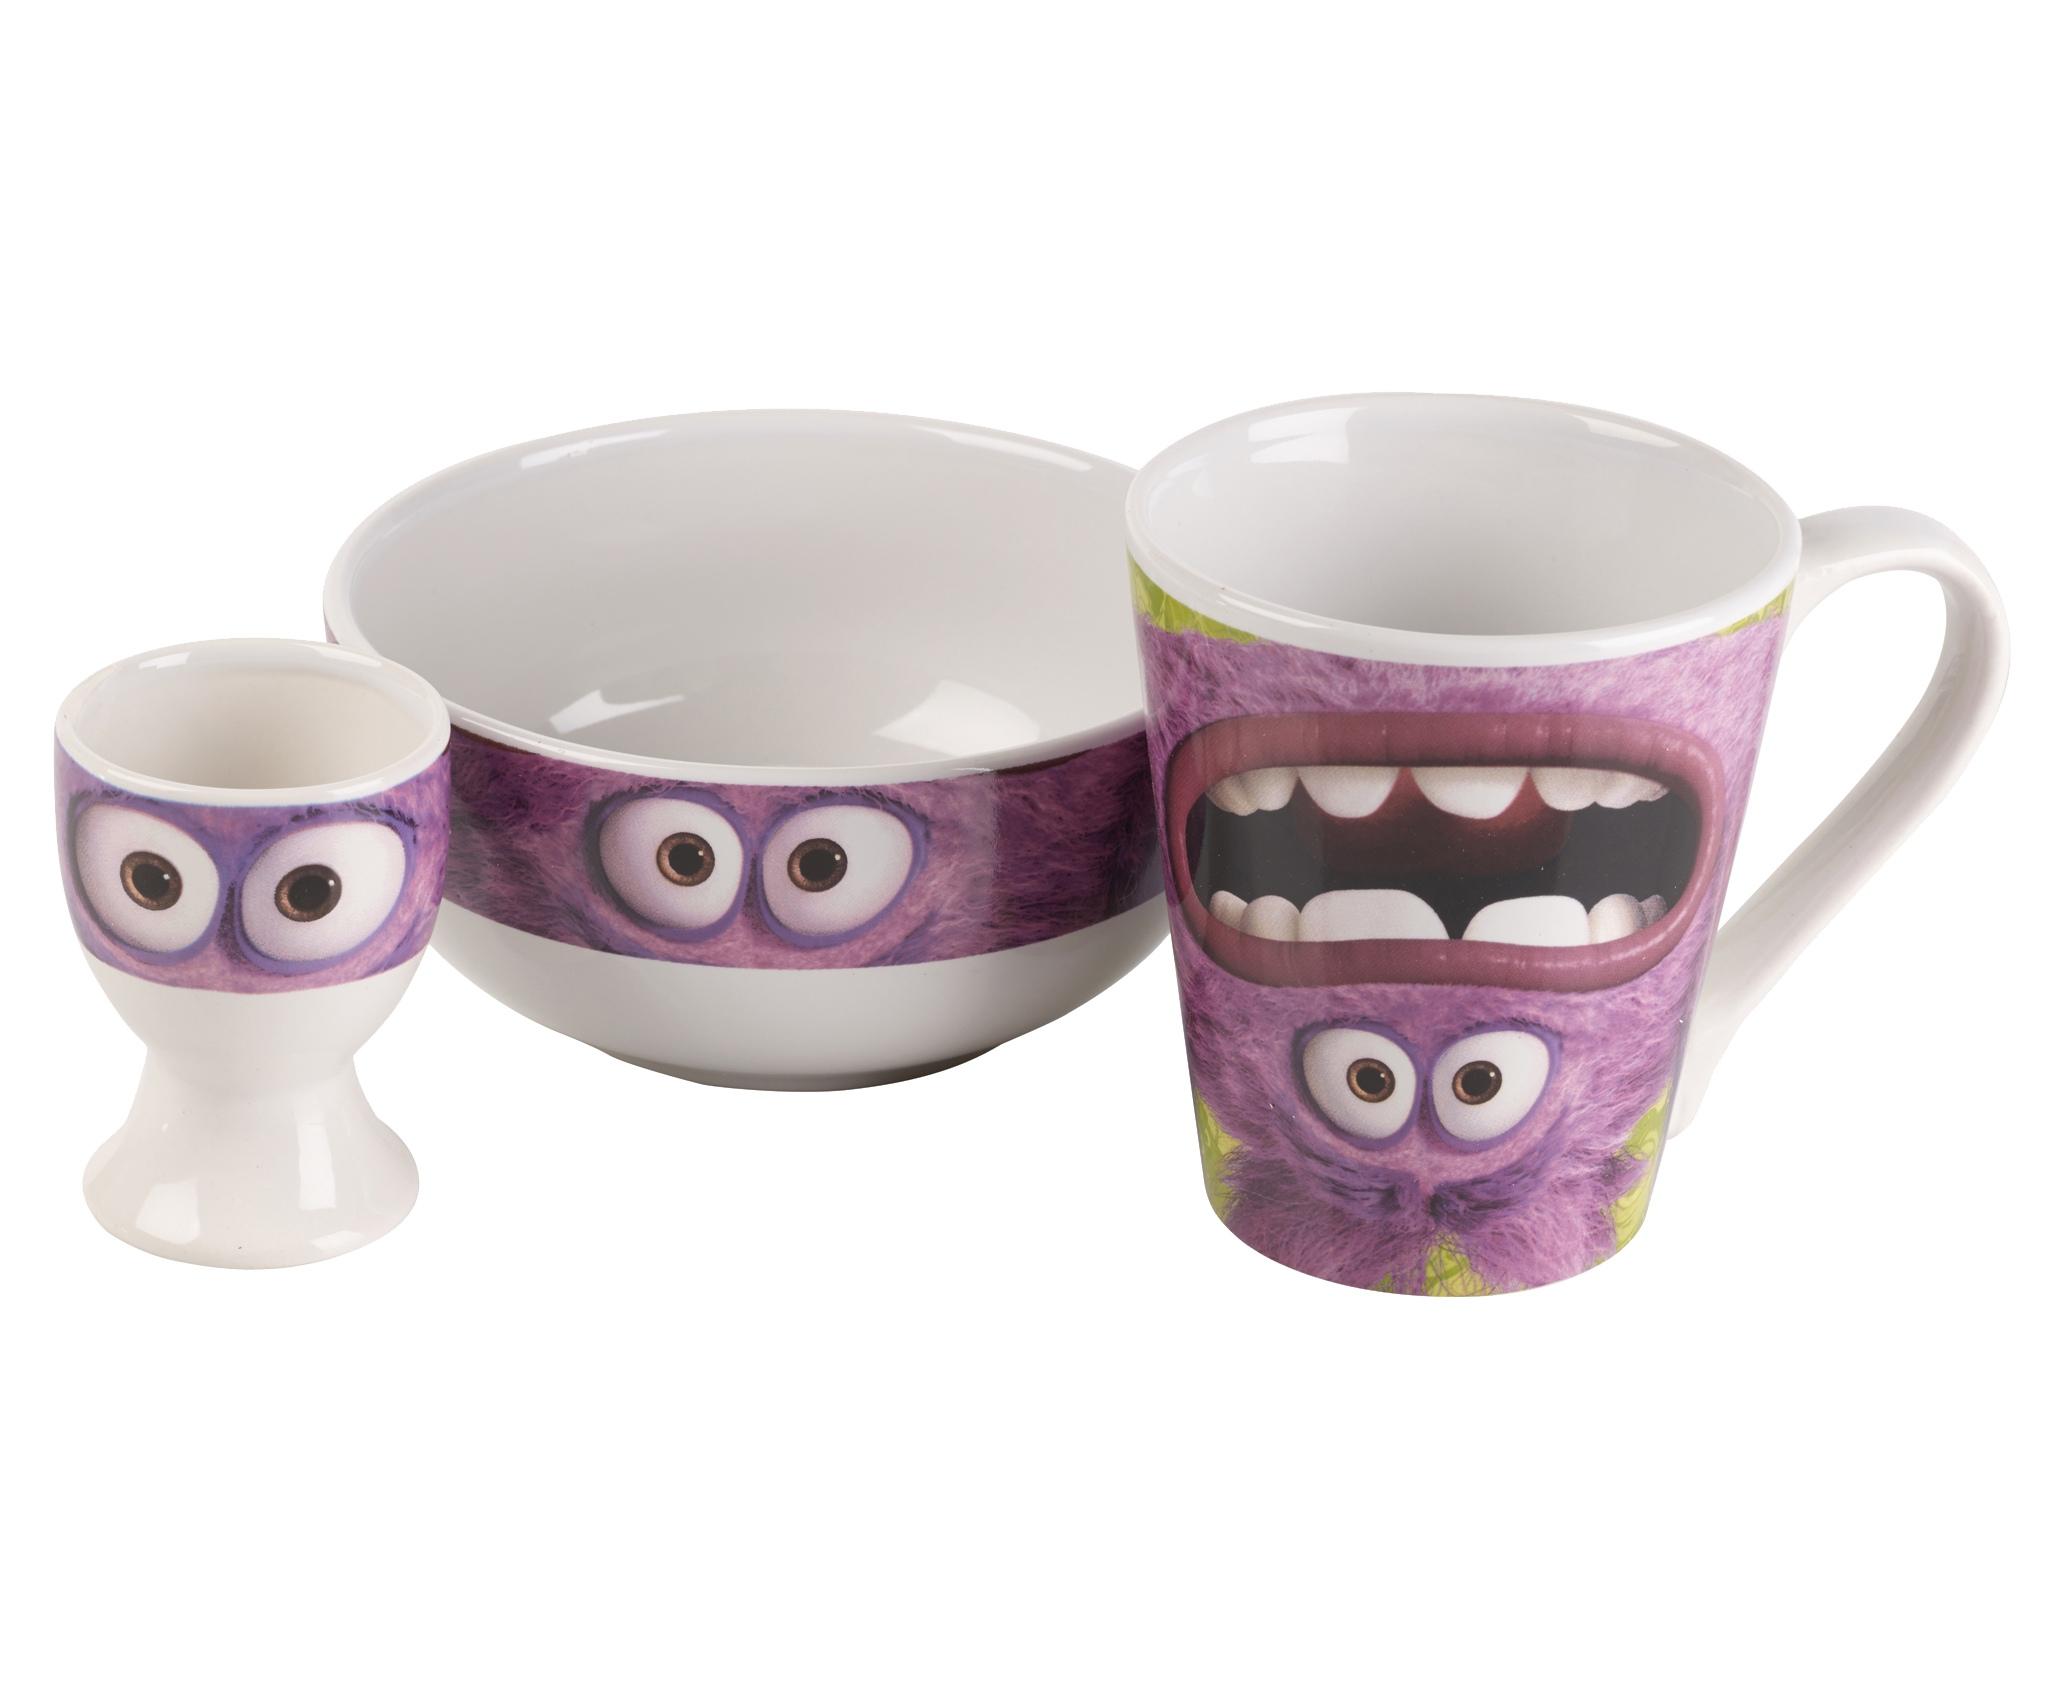 kinder disney monsters university 3 st ck keramik fr hst cksset sp le becher ebay. Black Bedroom Furniture Sets. Home Design Ideas